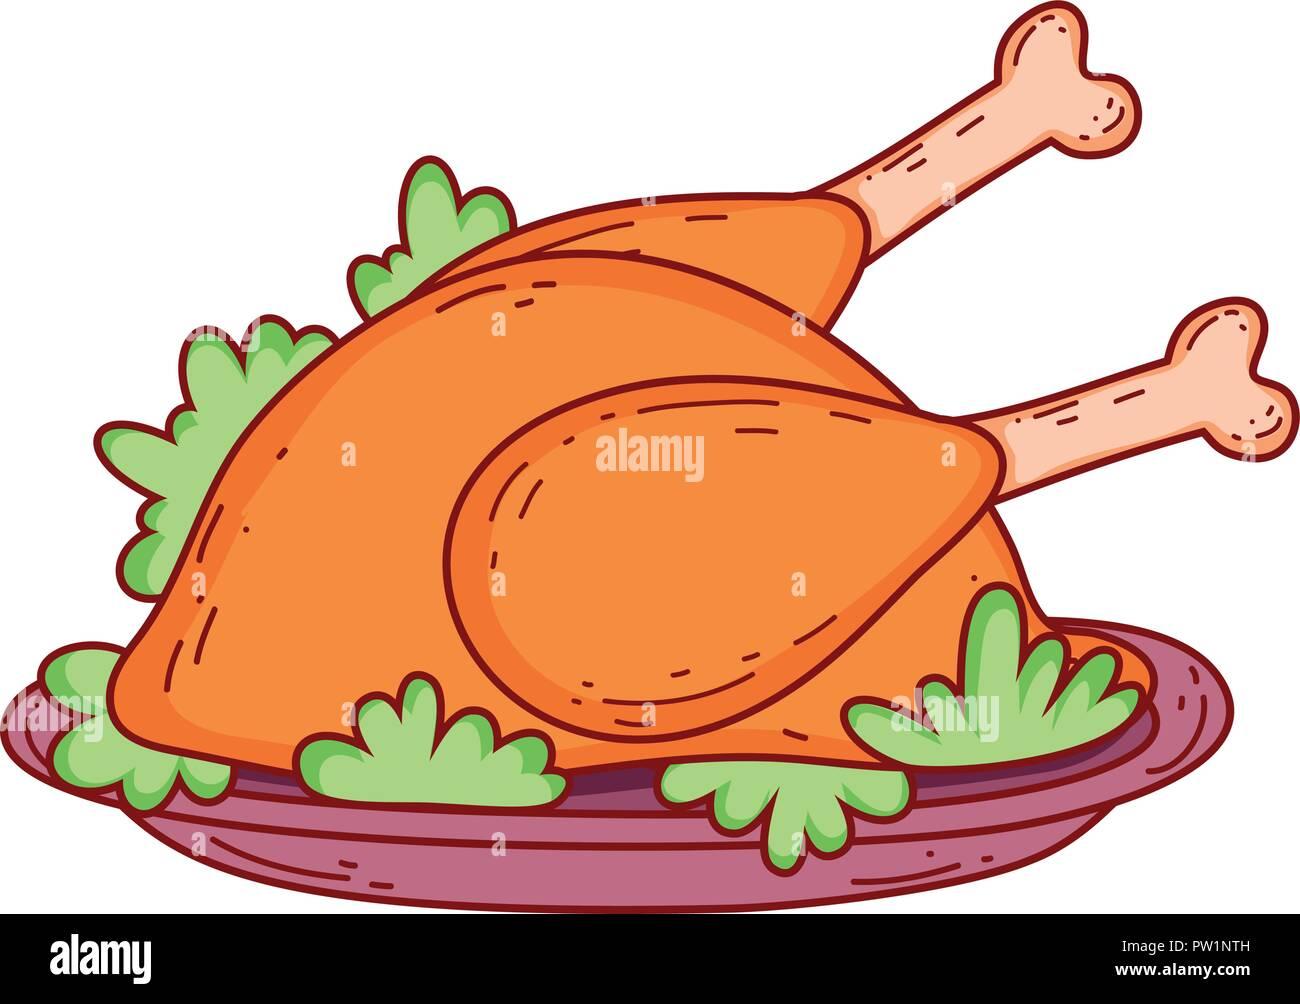 Poulet r ti cartoon vecteurs et illustration image vectorielle 221929921 alamy - Dessin de poulet roti ...